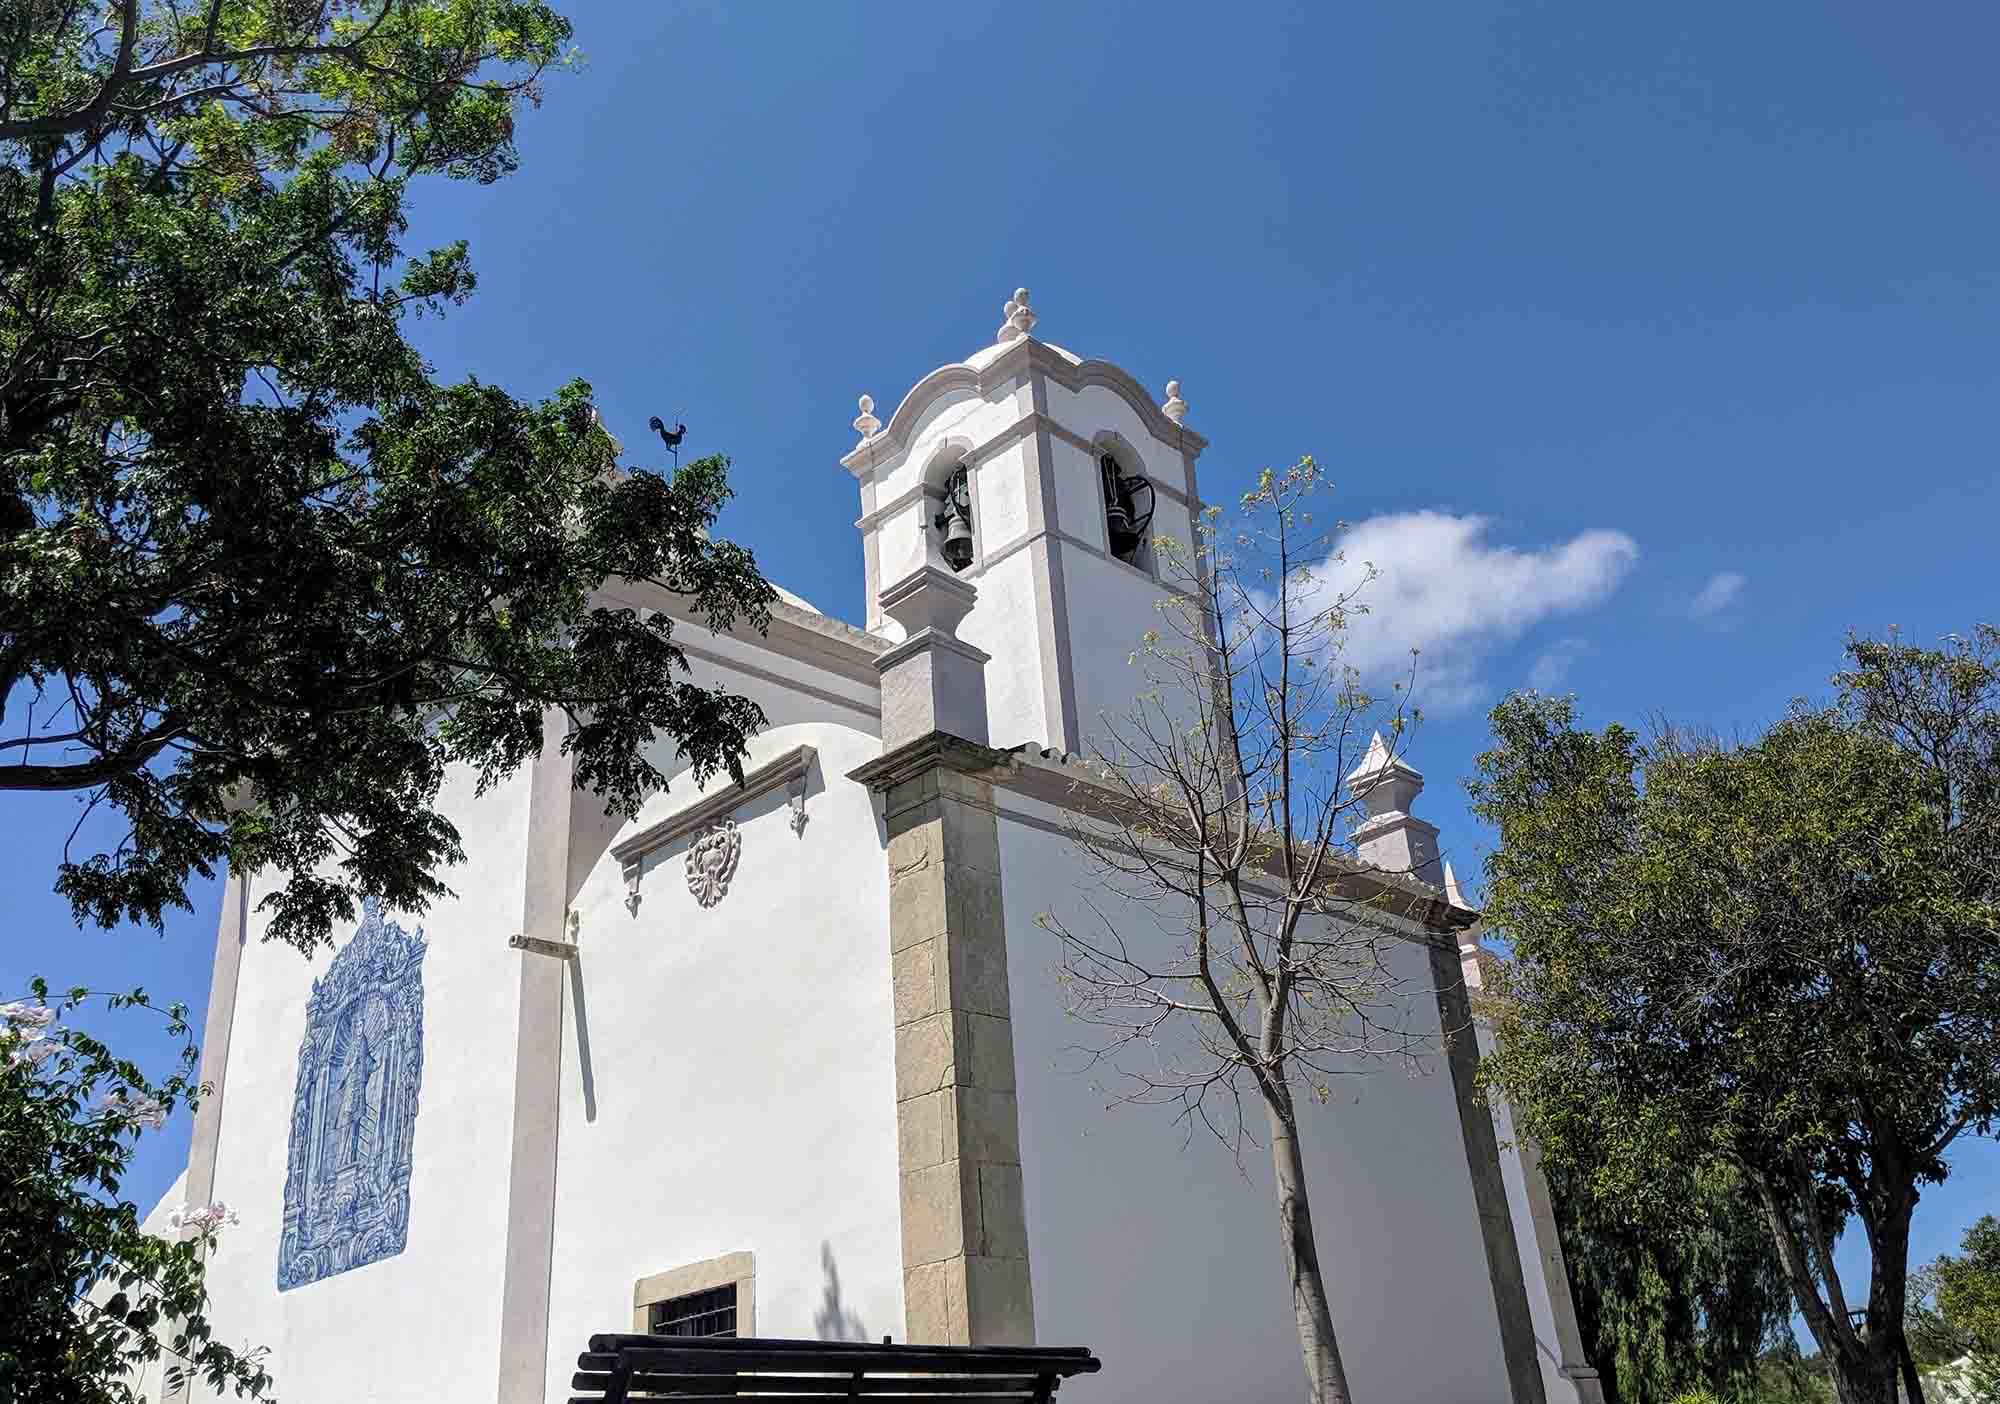 sao lourenco church exterior